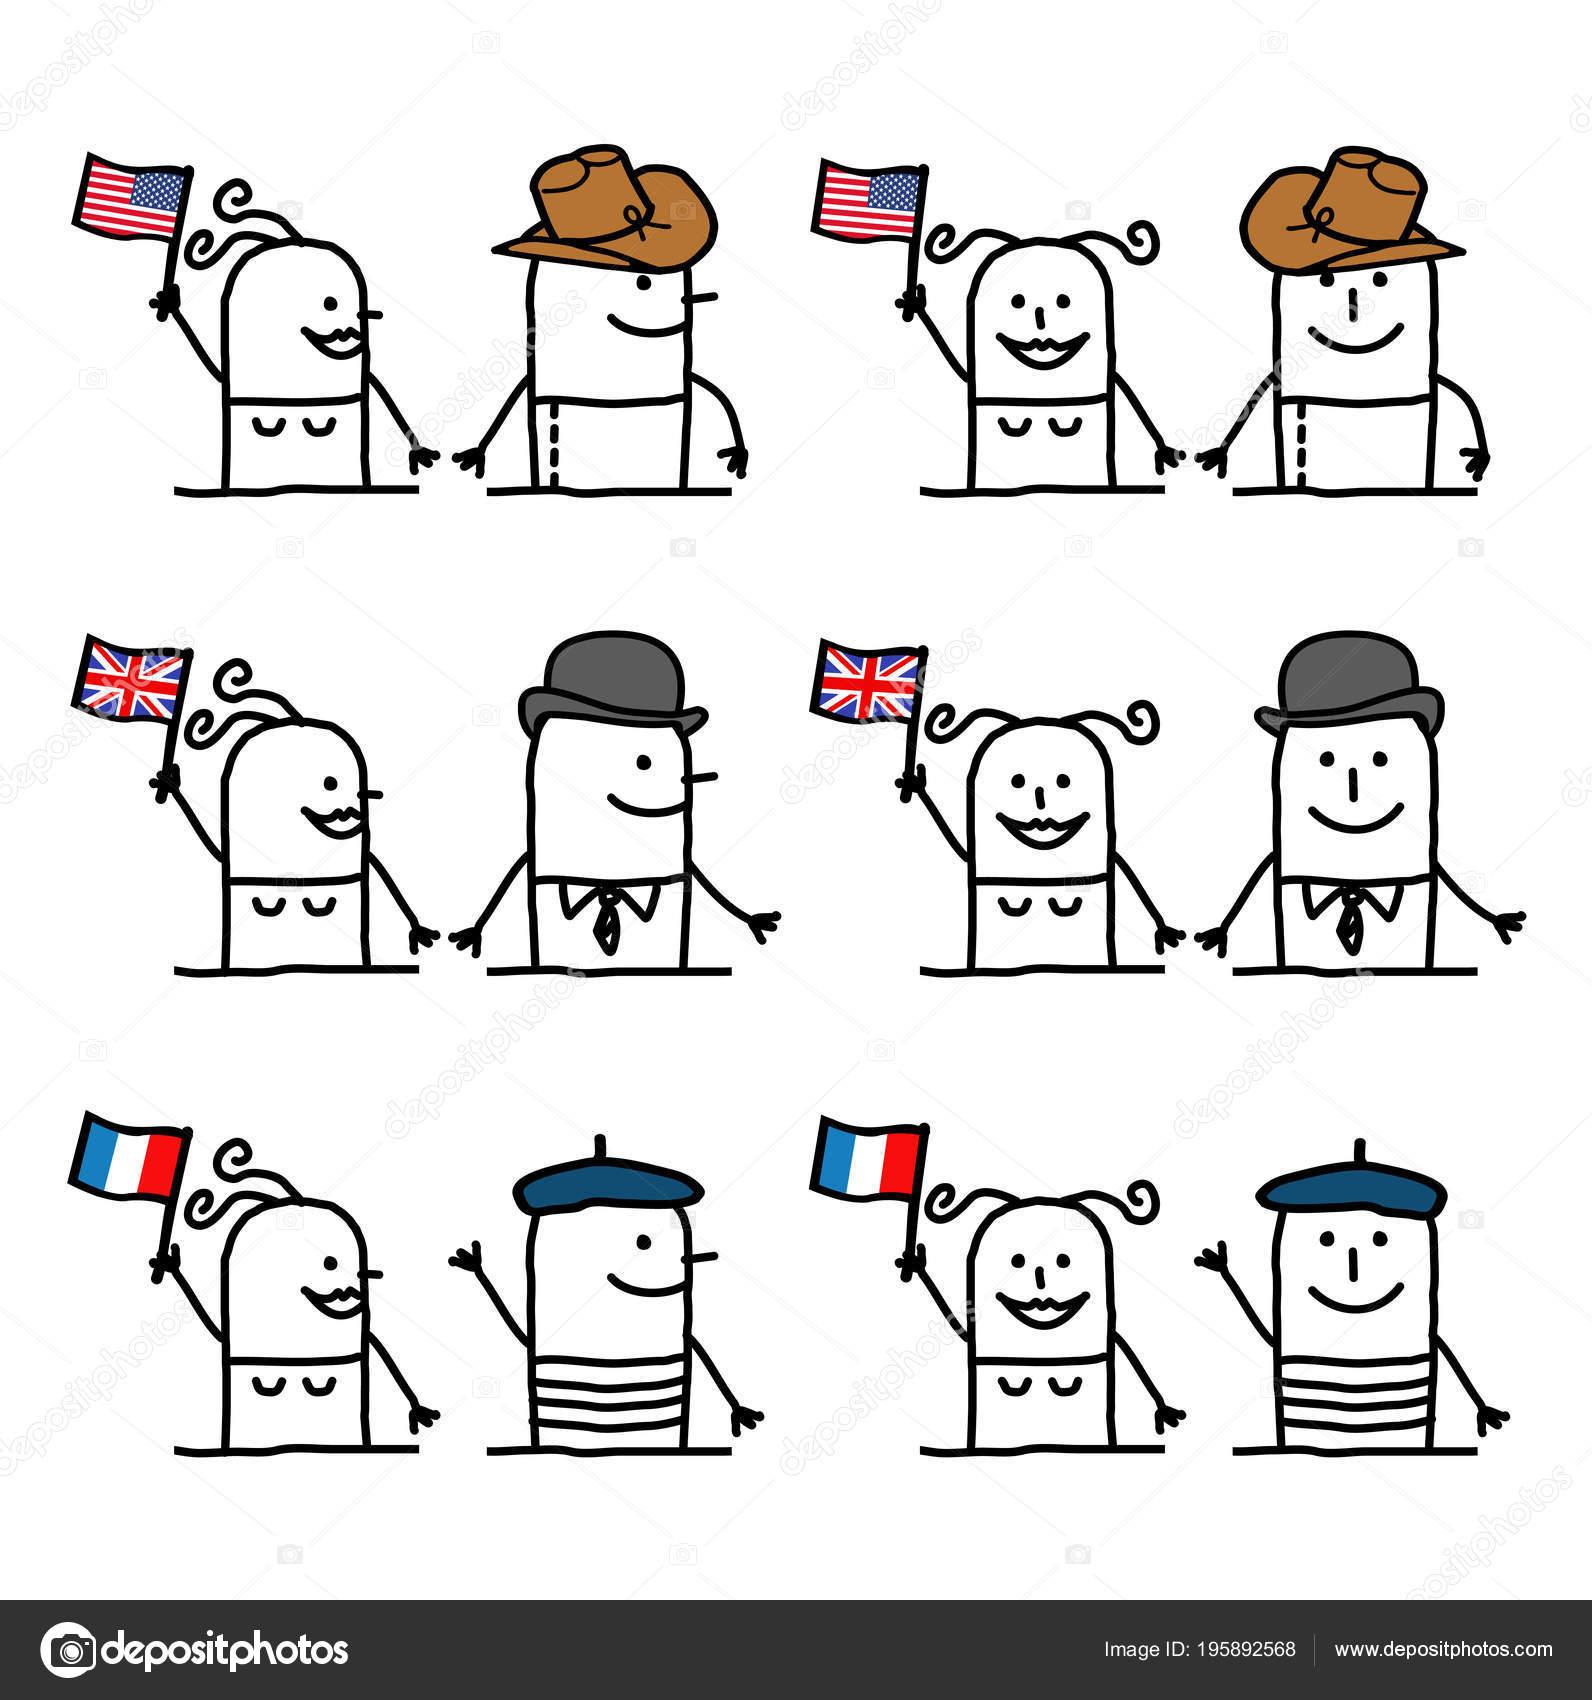 personagens desenhos animados conjunto países tradição vetores de